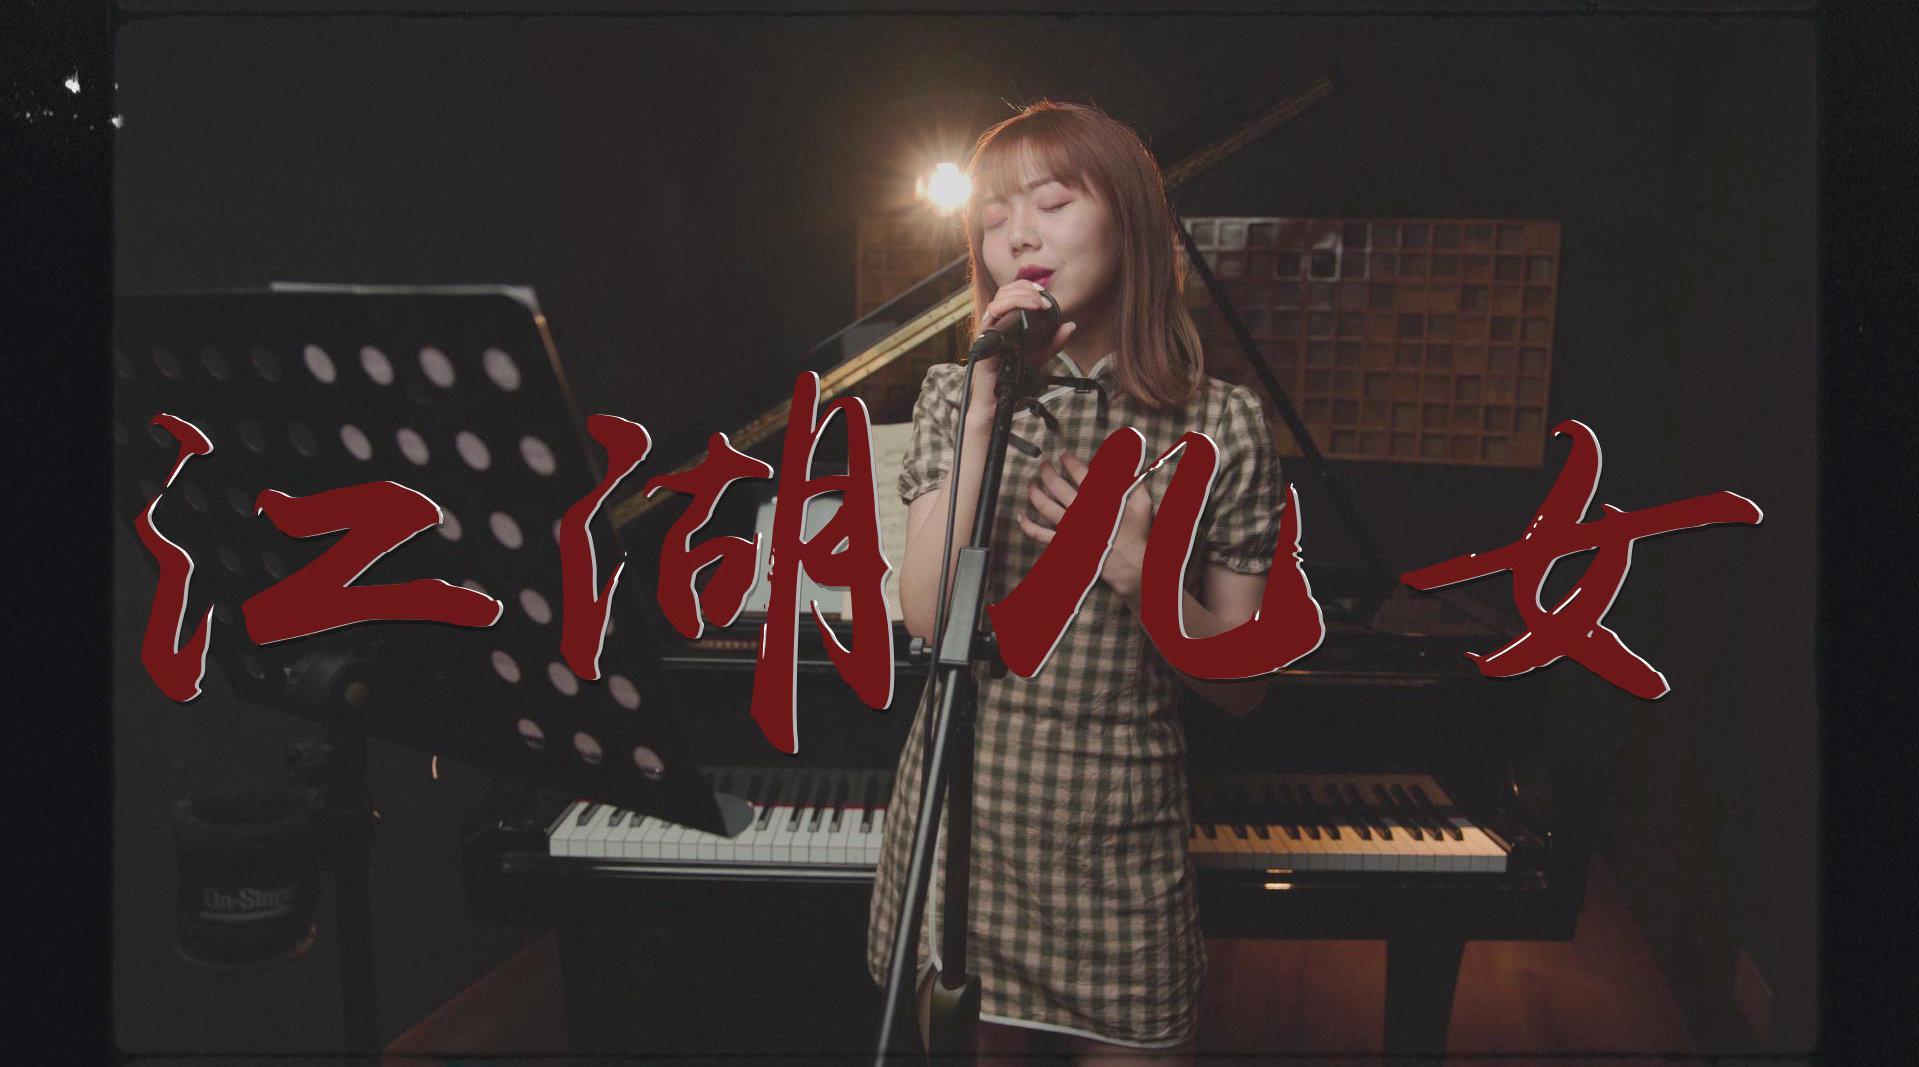 人美歌甜的人气歌手@小鹿Morning 最新mv《江湖儿女》来啦 …………